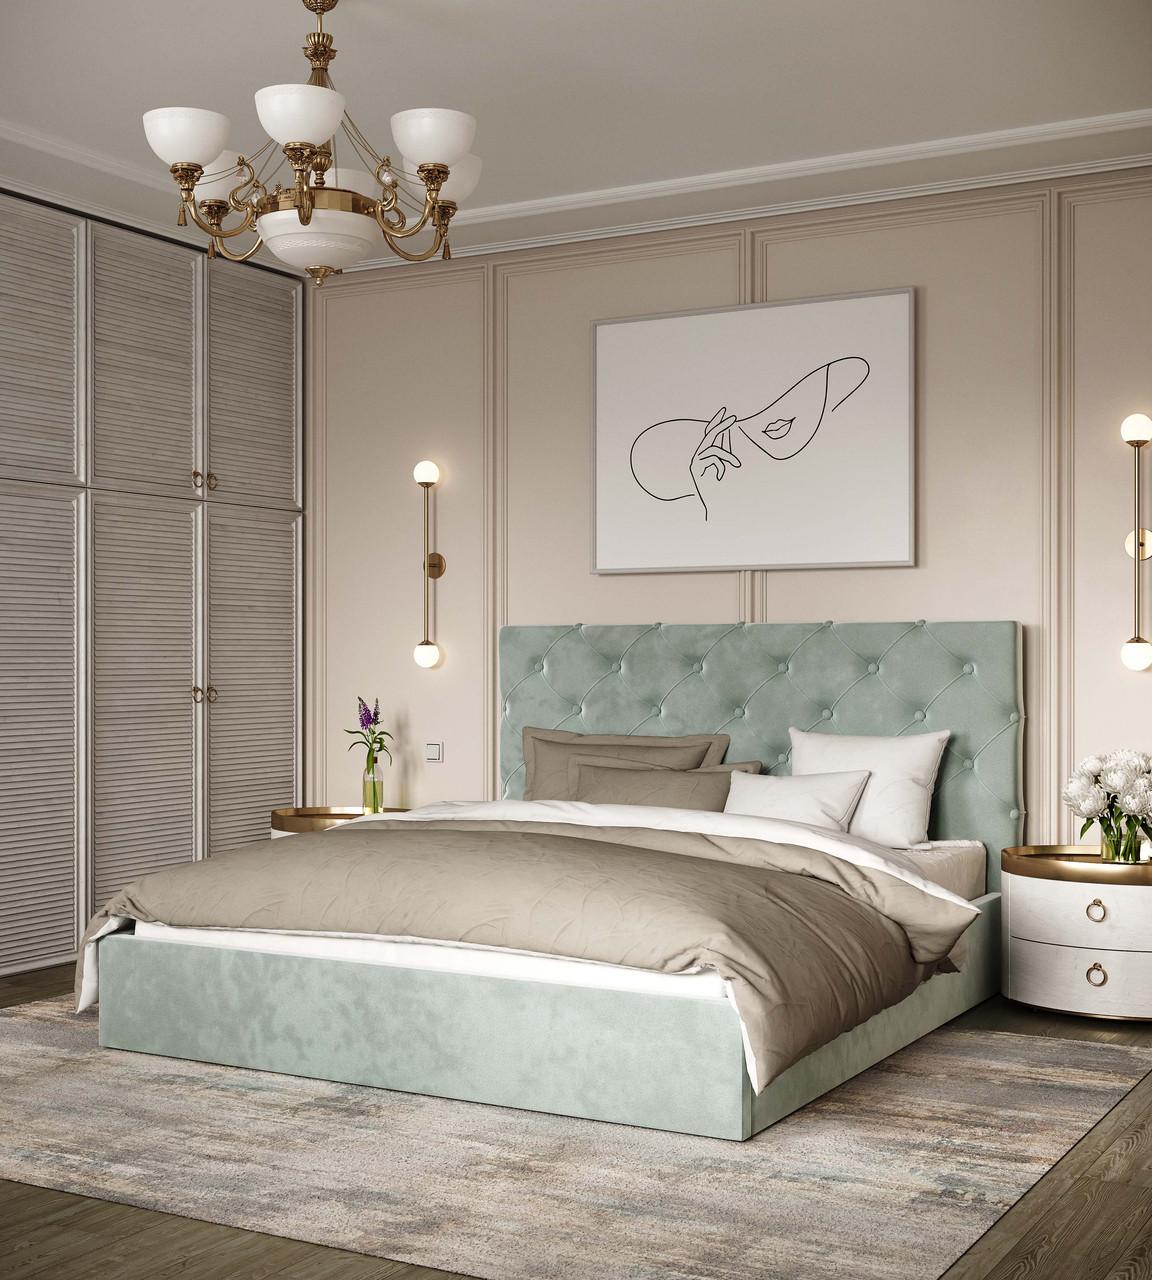 Кровать Велюр с подъемным механизмом 140х200 ТМ Viorina Deko